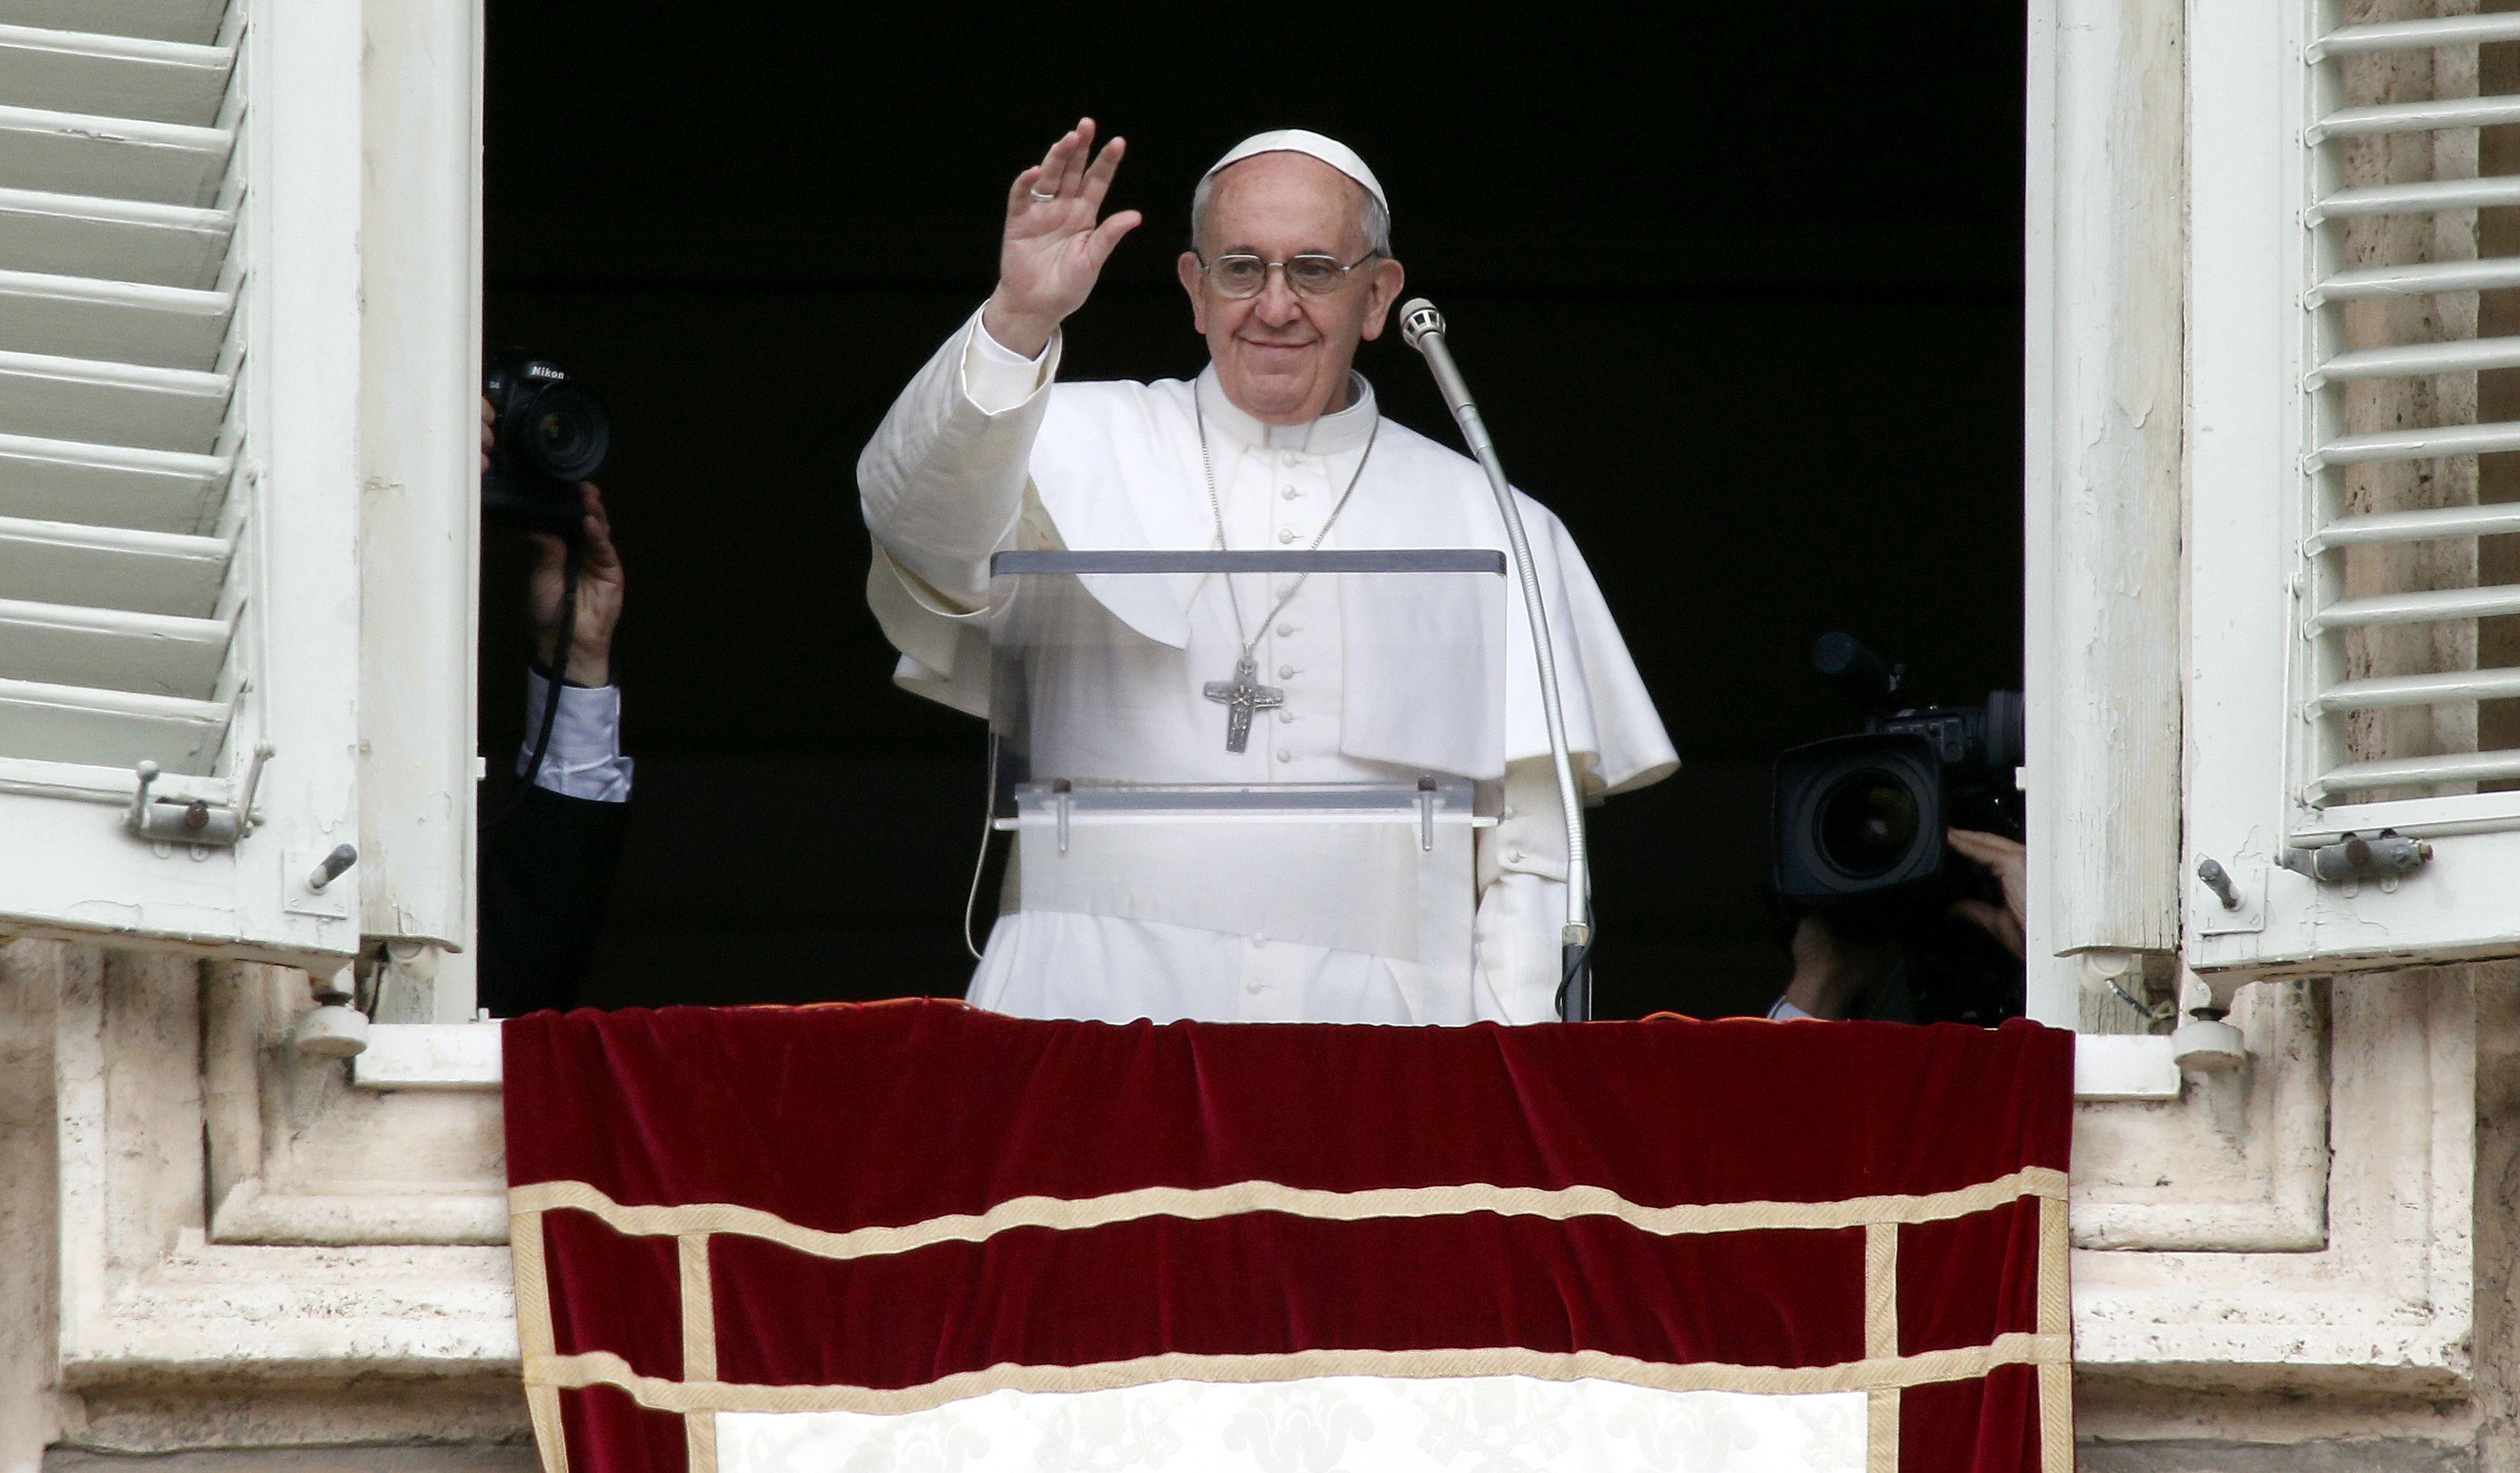 Se la barzellette piacciono solo perché a ridere è il Papa